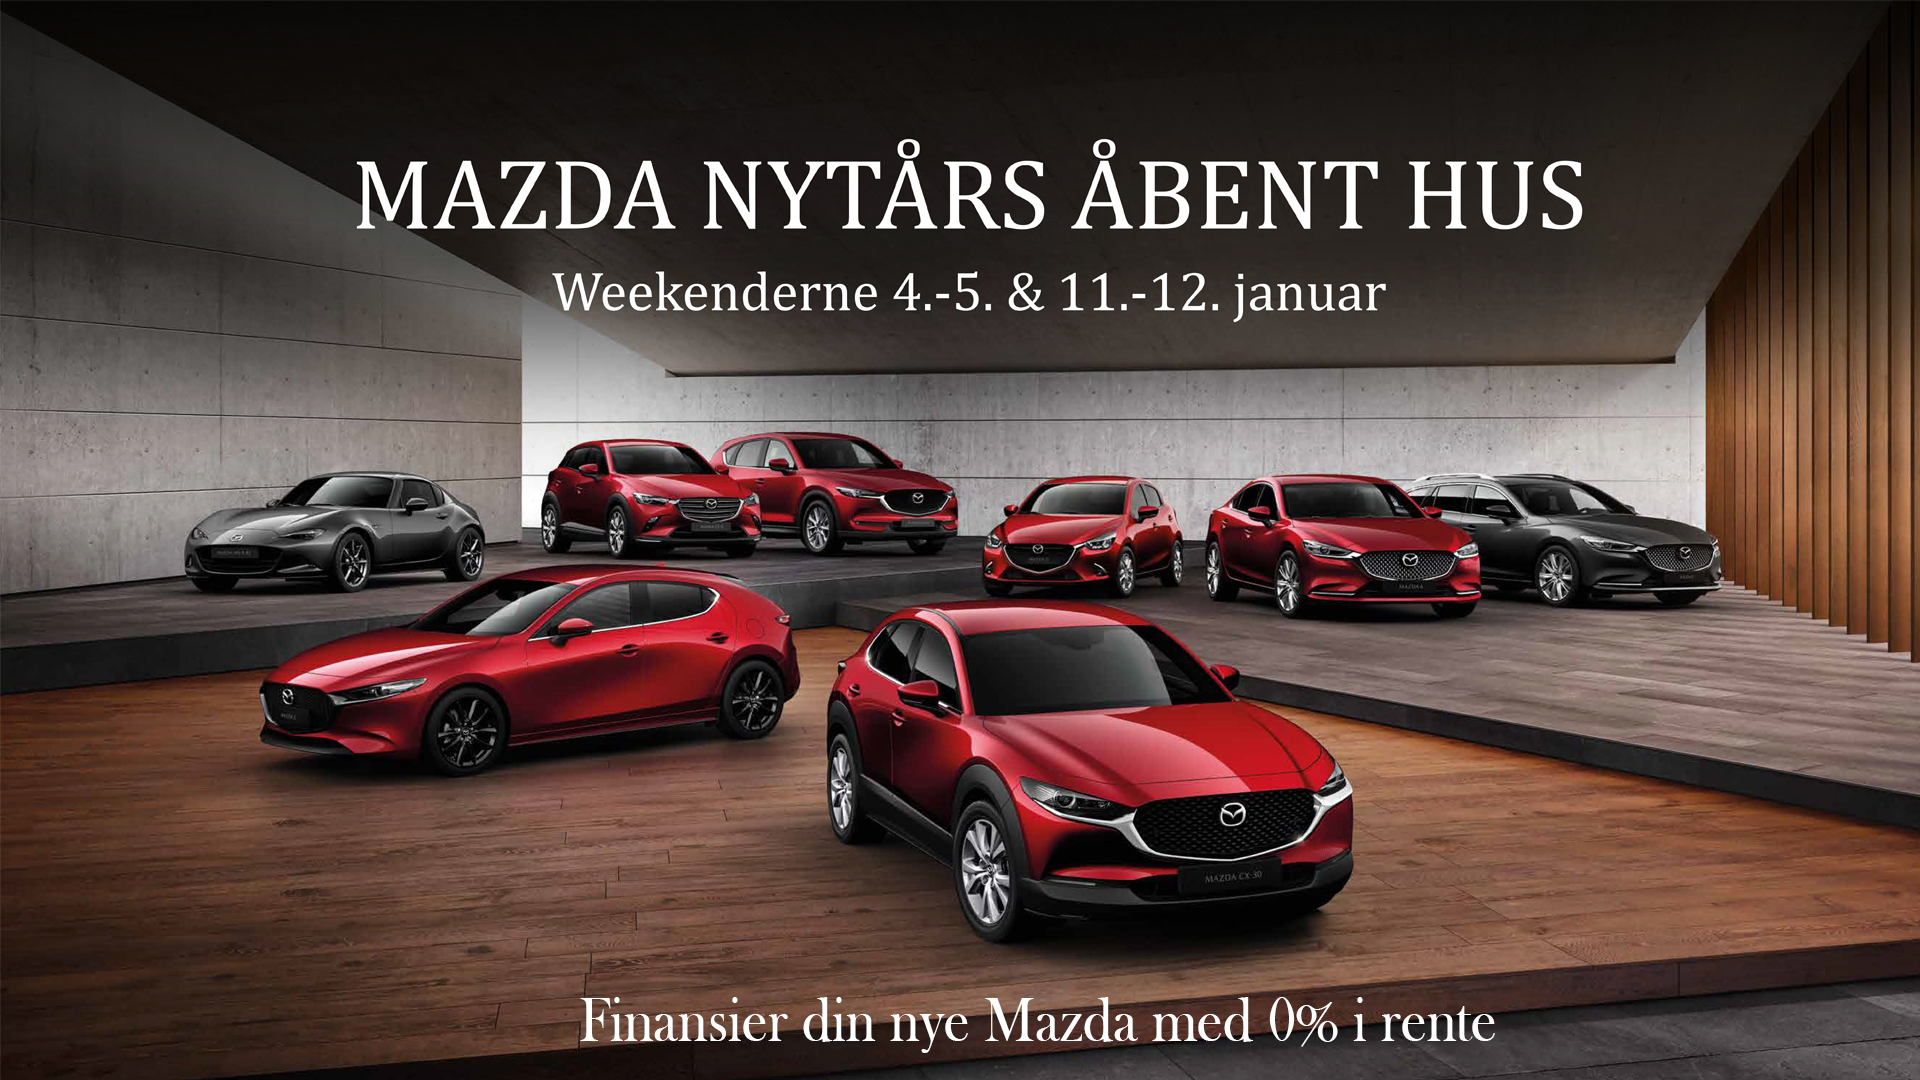 Køb en ny Mazda og finansier den med 0 % i rente